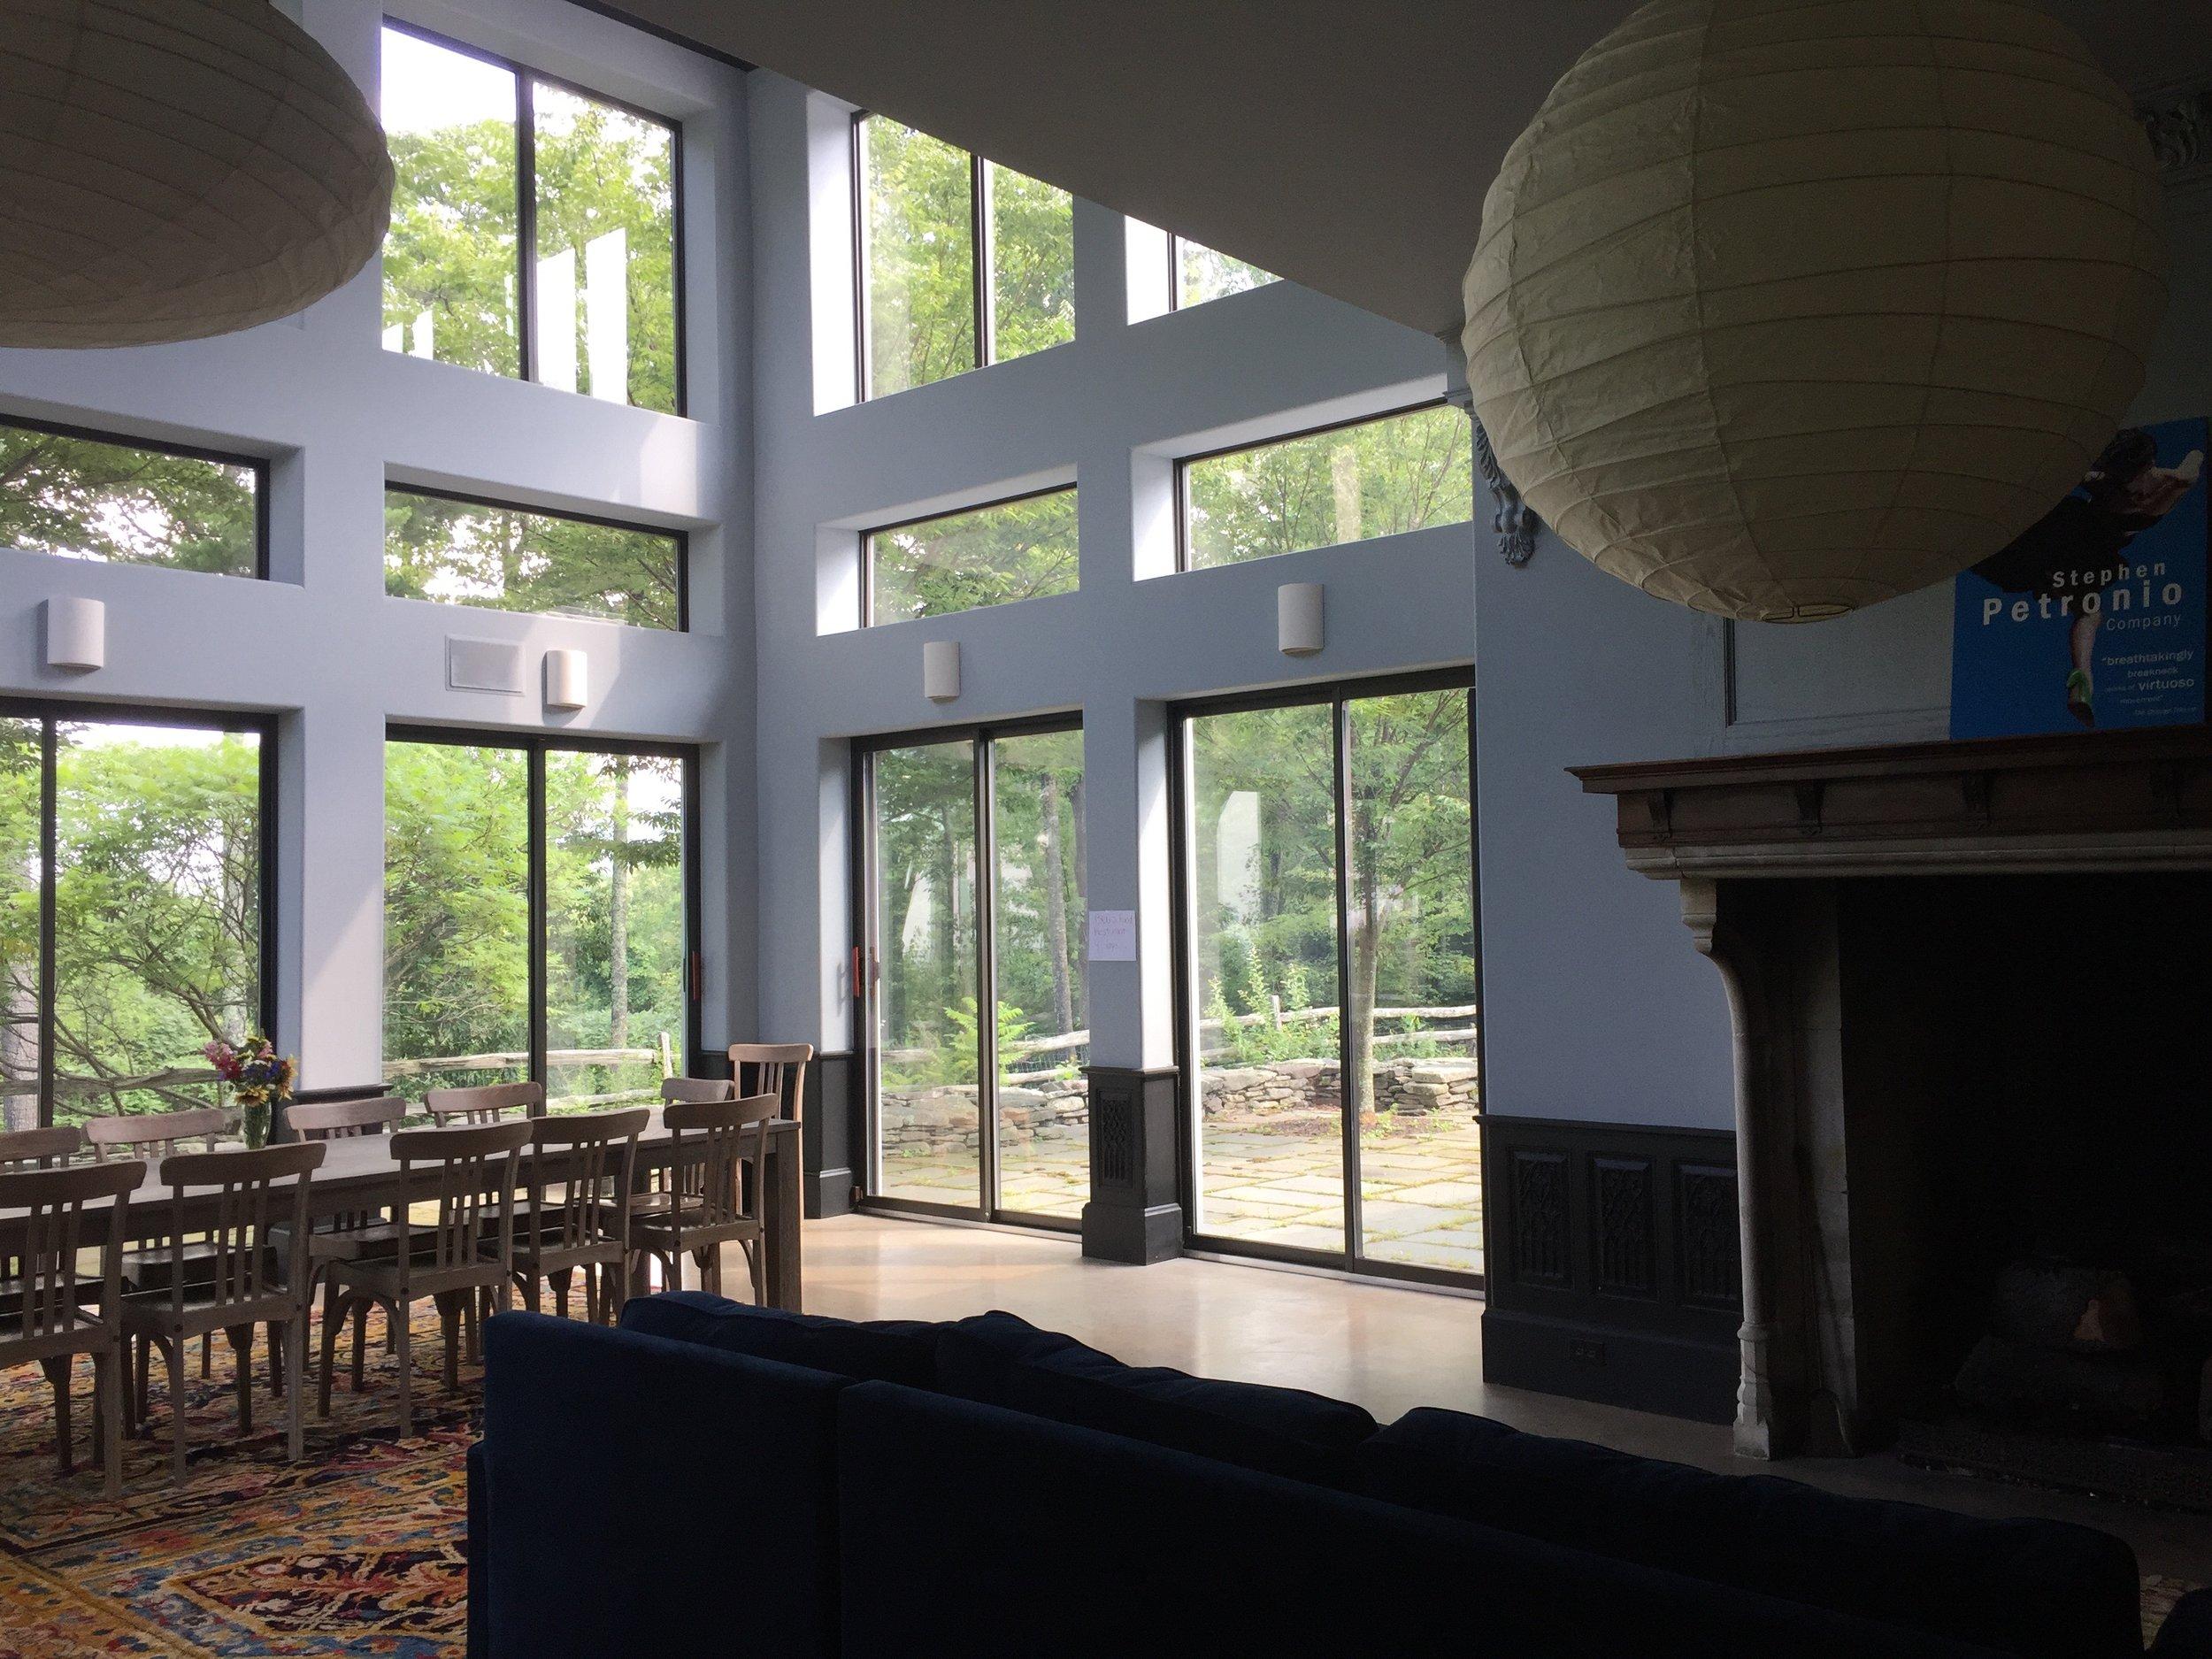 Alessandra 7.18.17 - Living Room:Dining Room.jpg